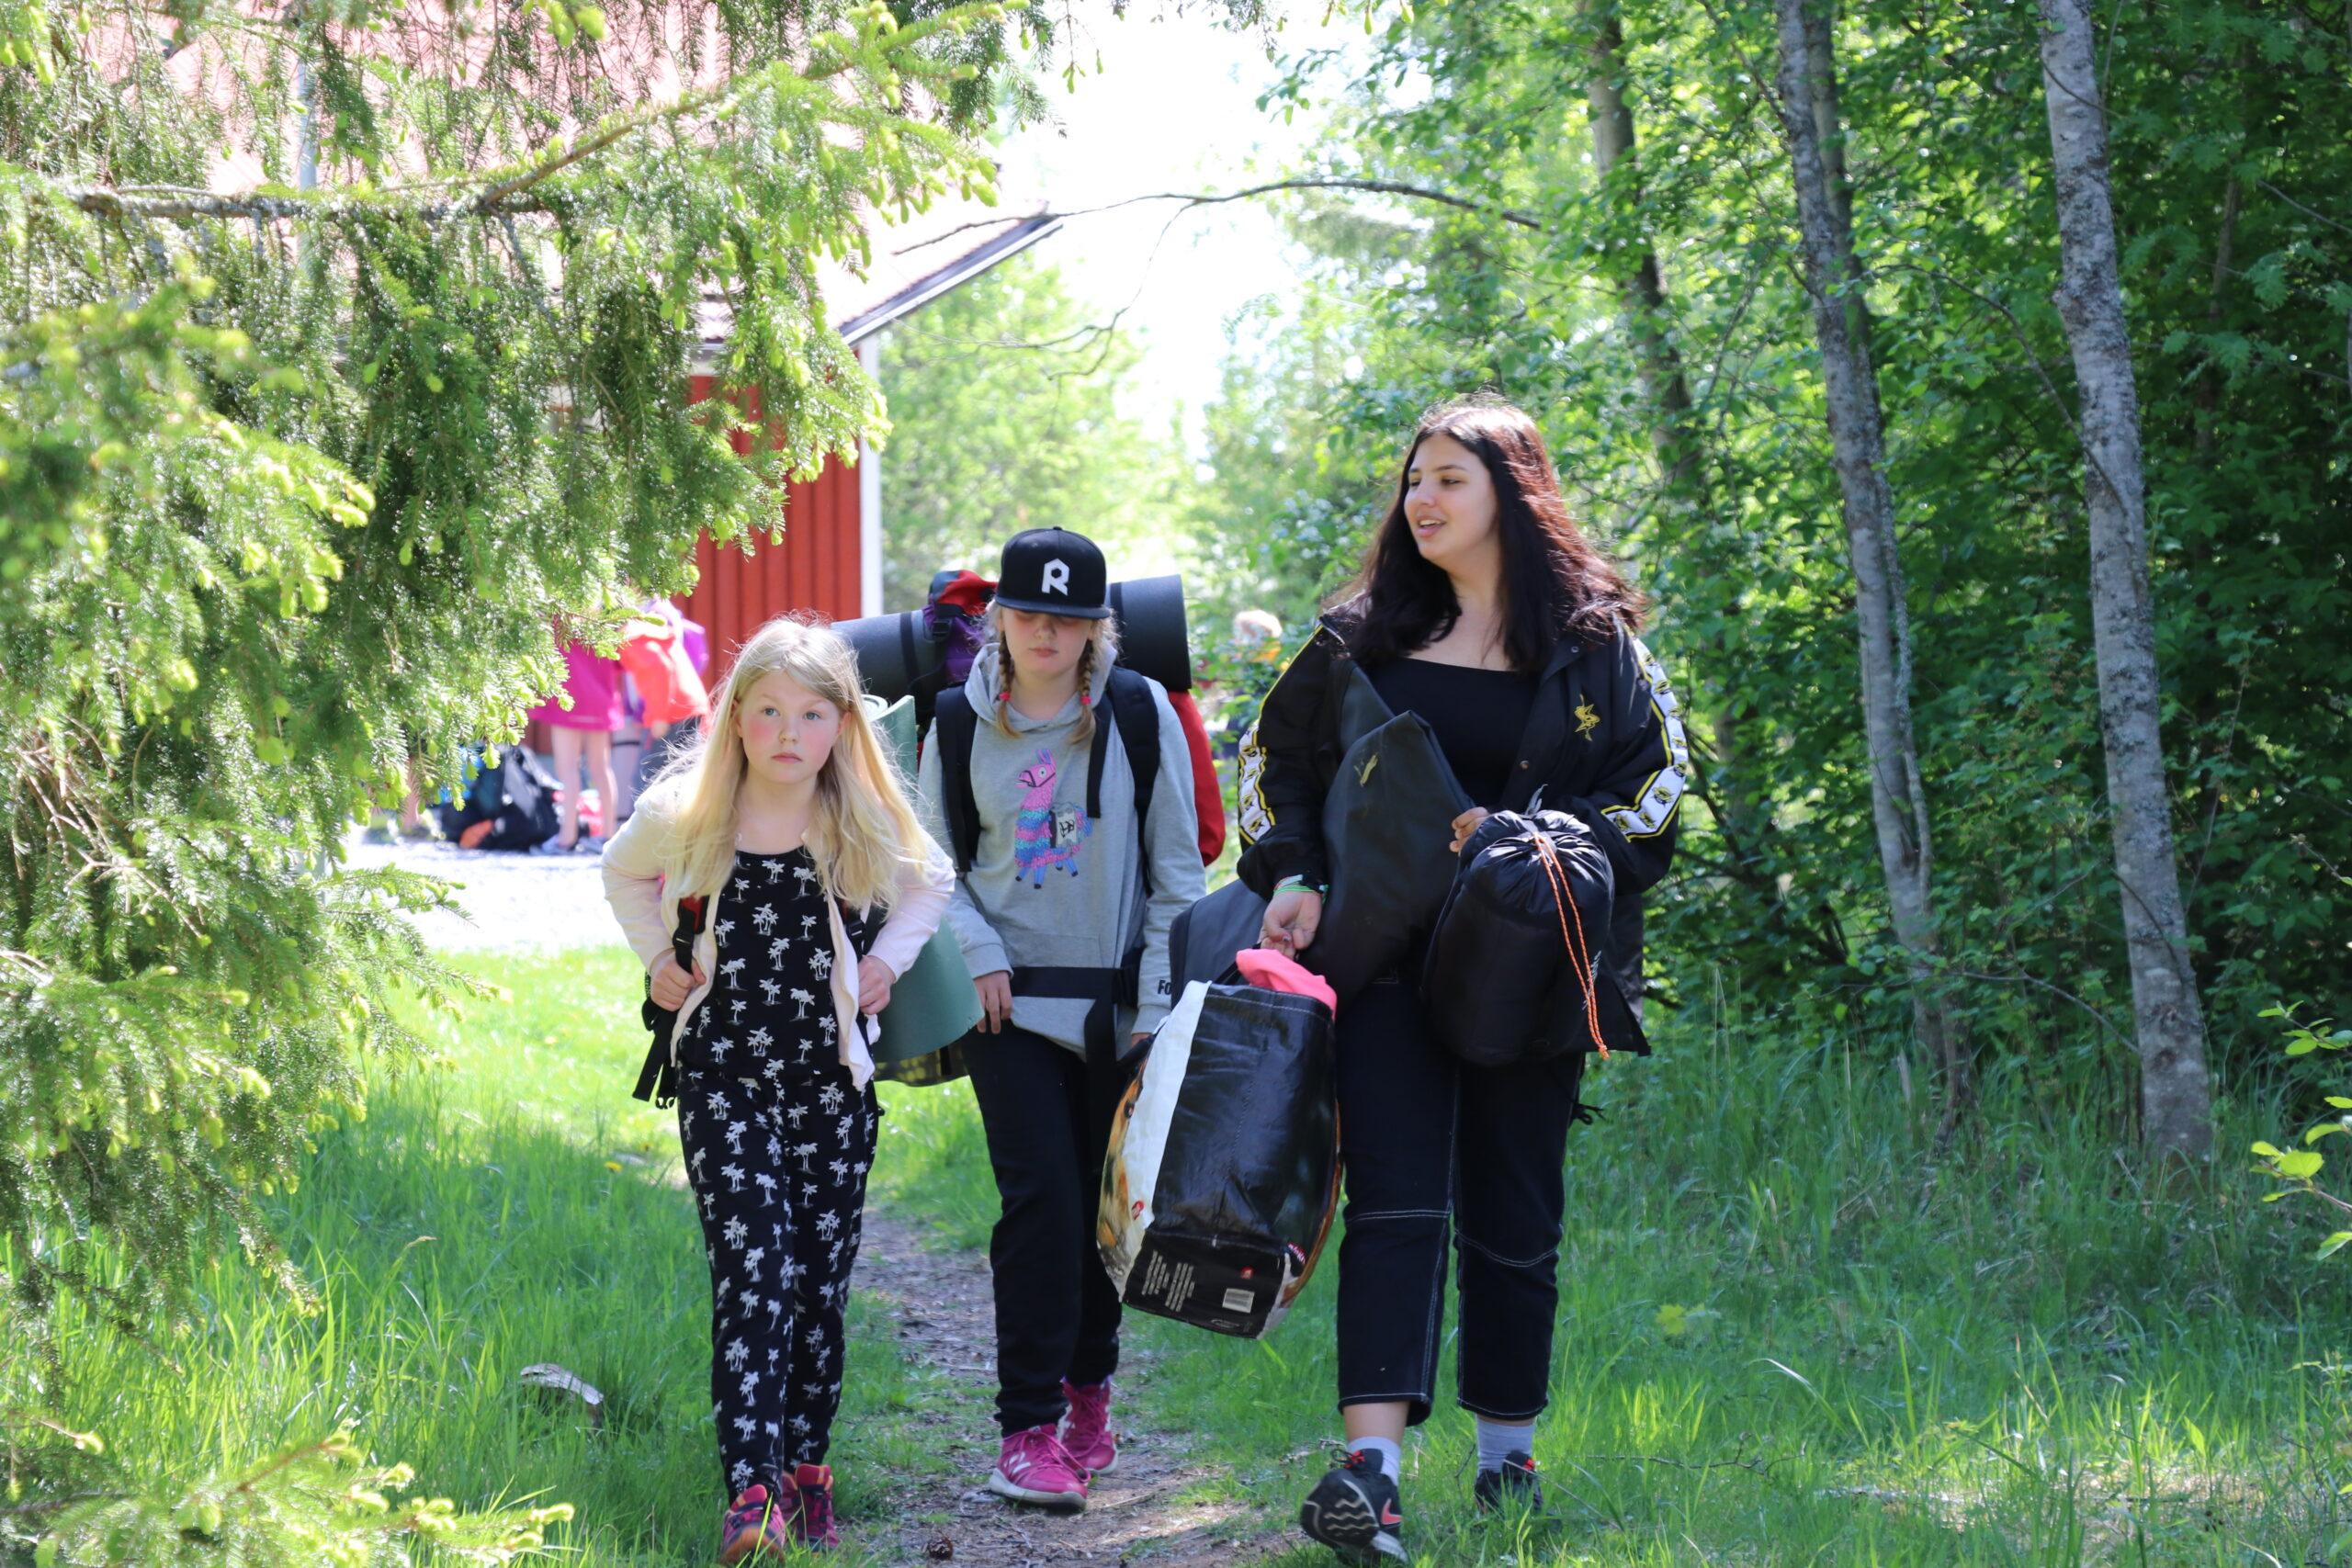 Kolme tyttöä kävelee majoittumaan leirillä